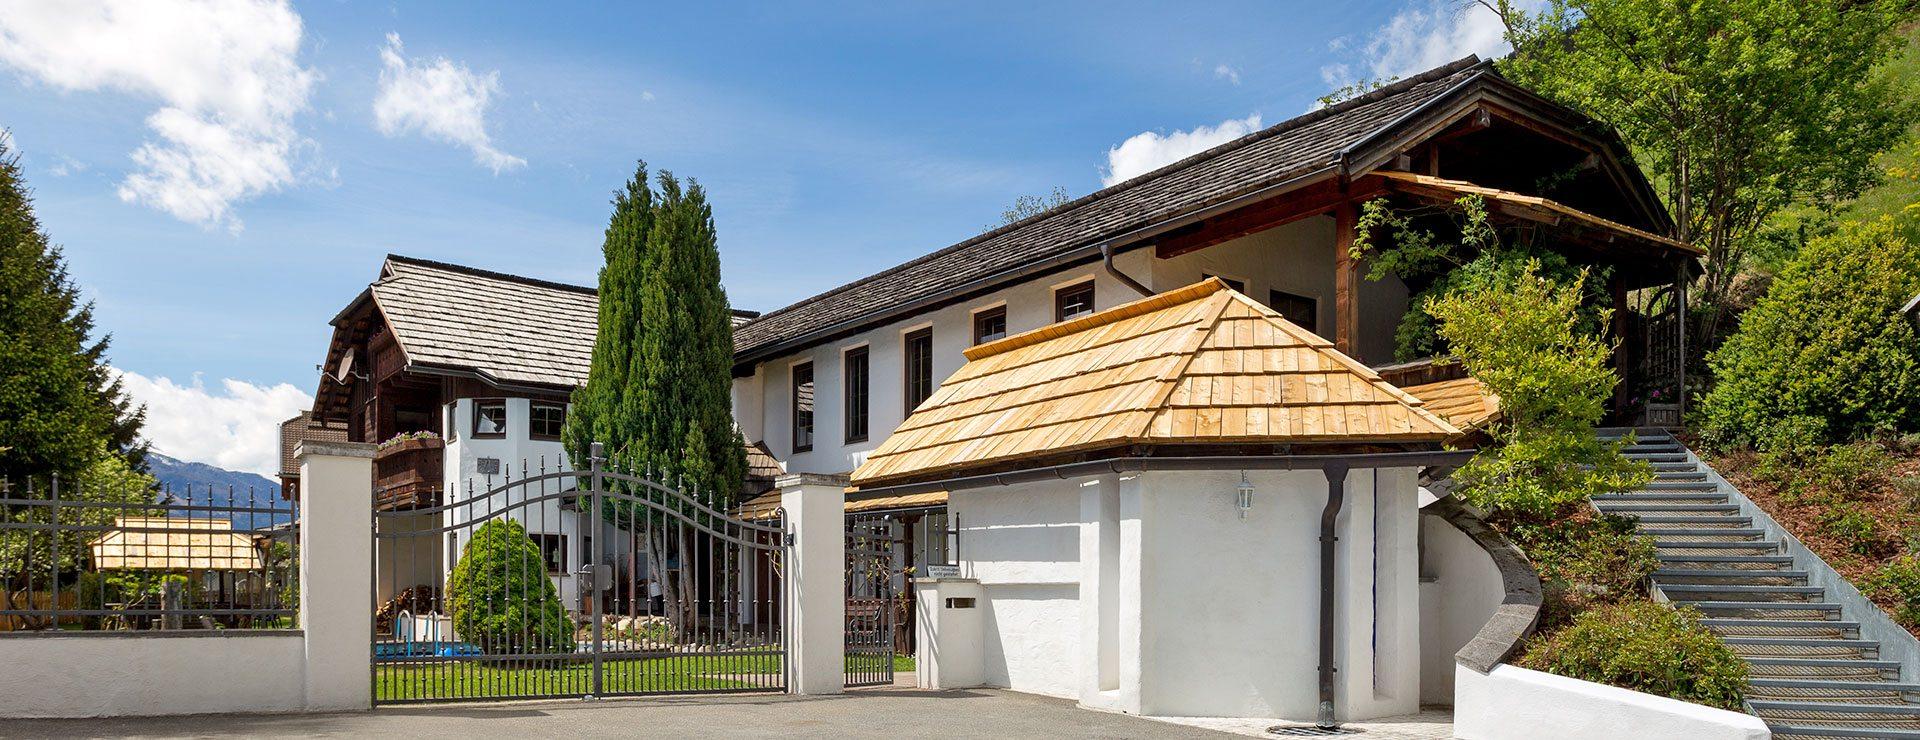 Urlaub im Design Ferienhaus Berg Chalet Millstätter See